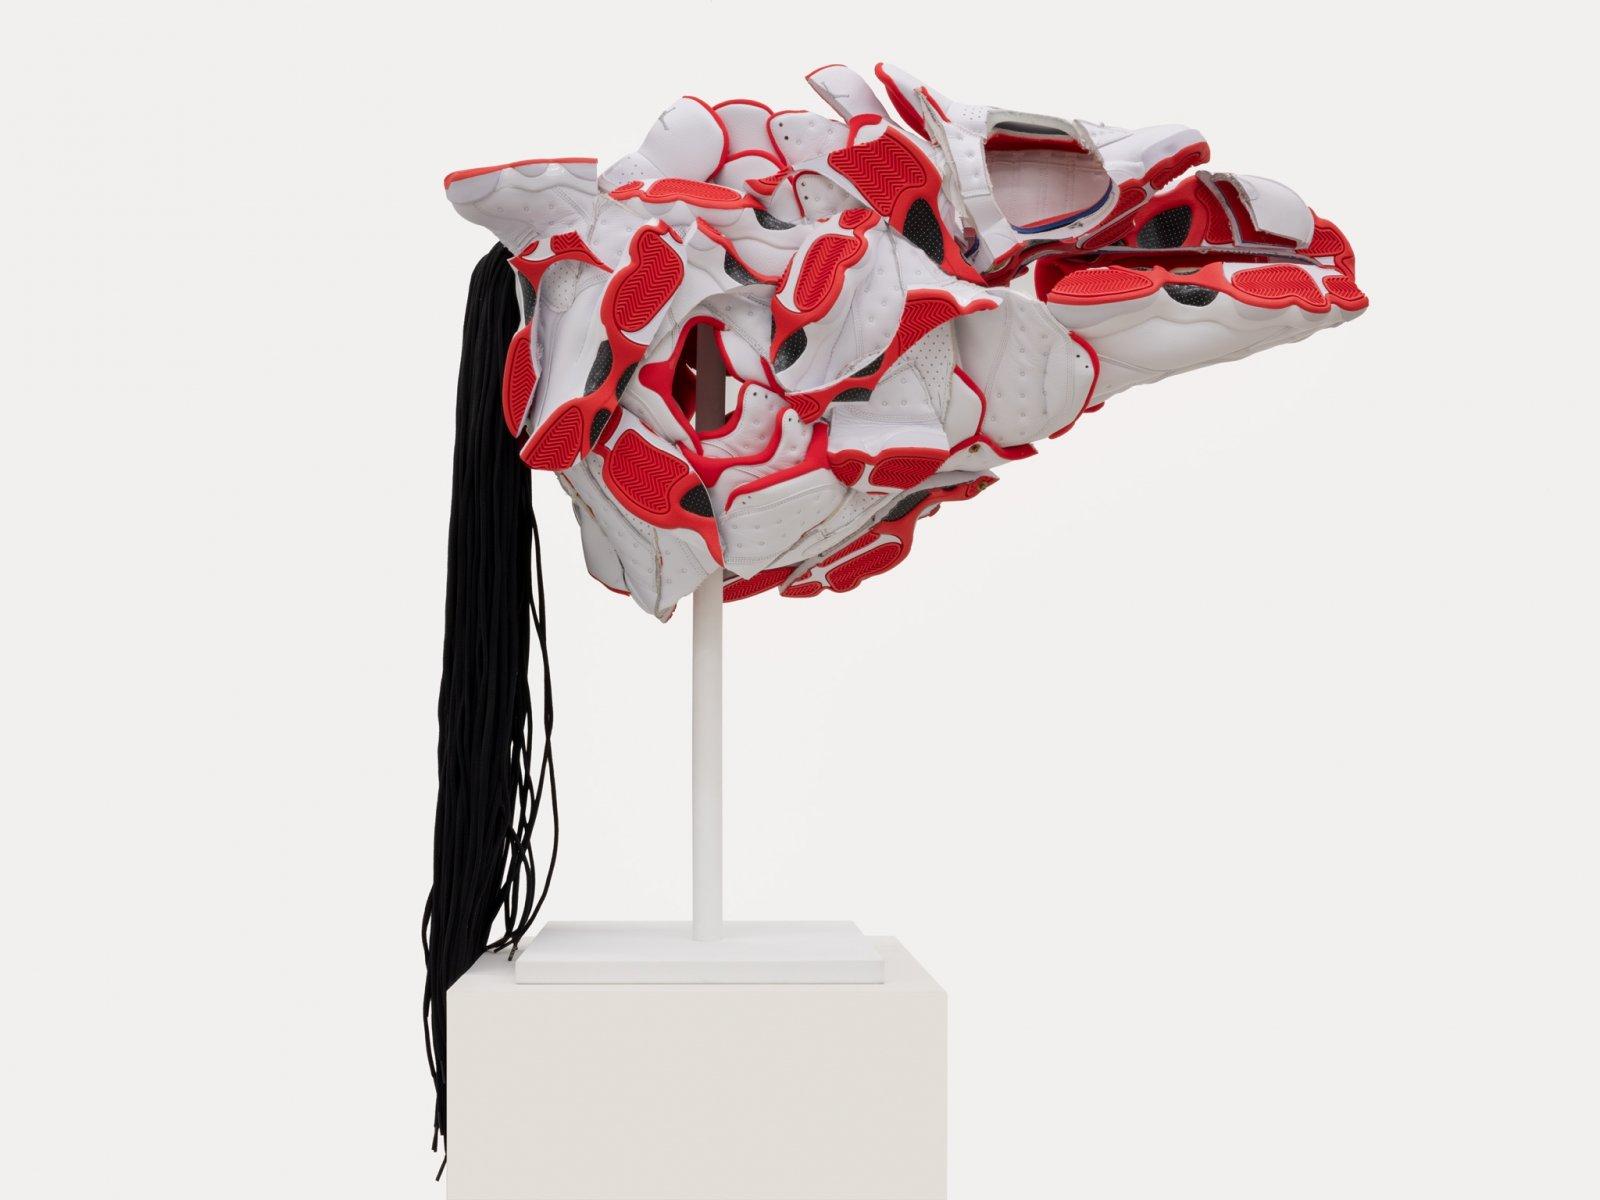 Brian Jungen, Persuasion Mask, 2018, nike air jordans, copper, 43 x 31 x 15 in. (109 x 79 x 38 cm)